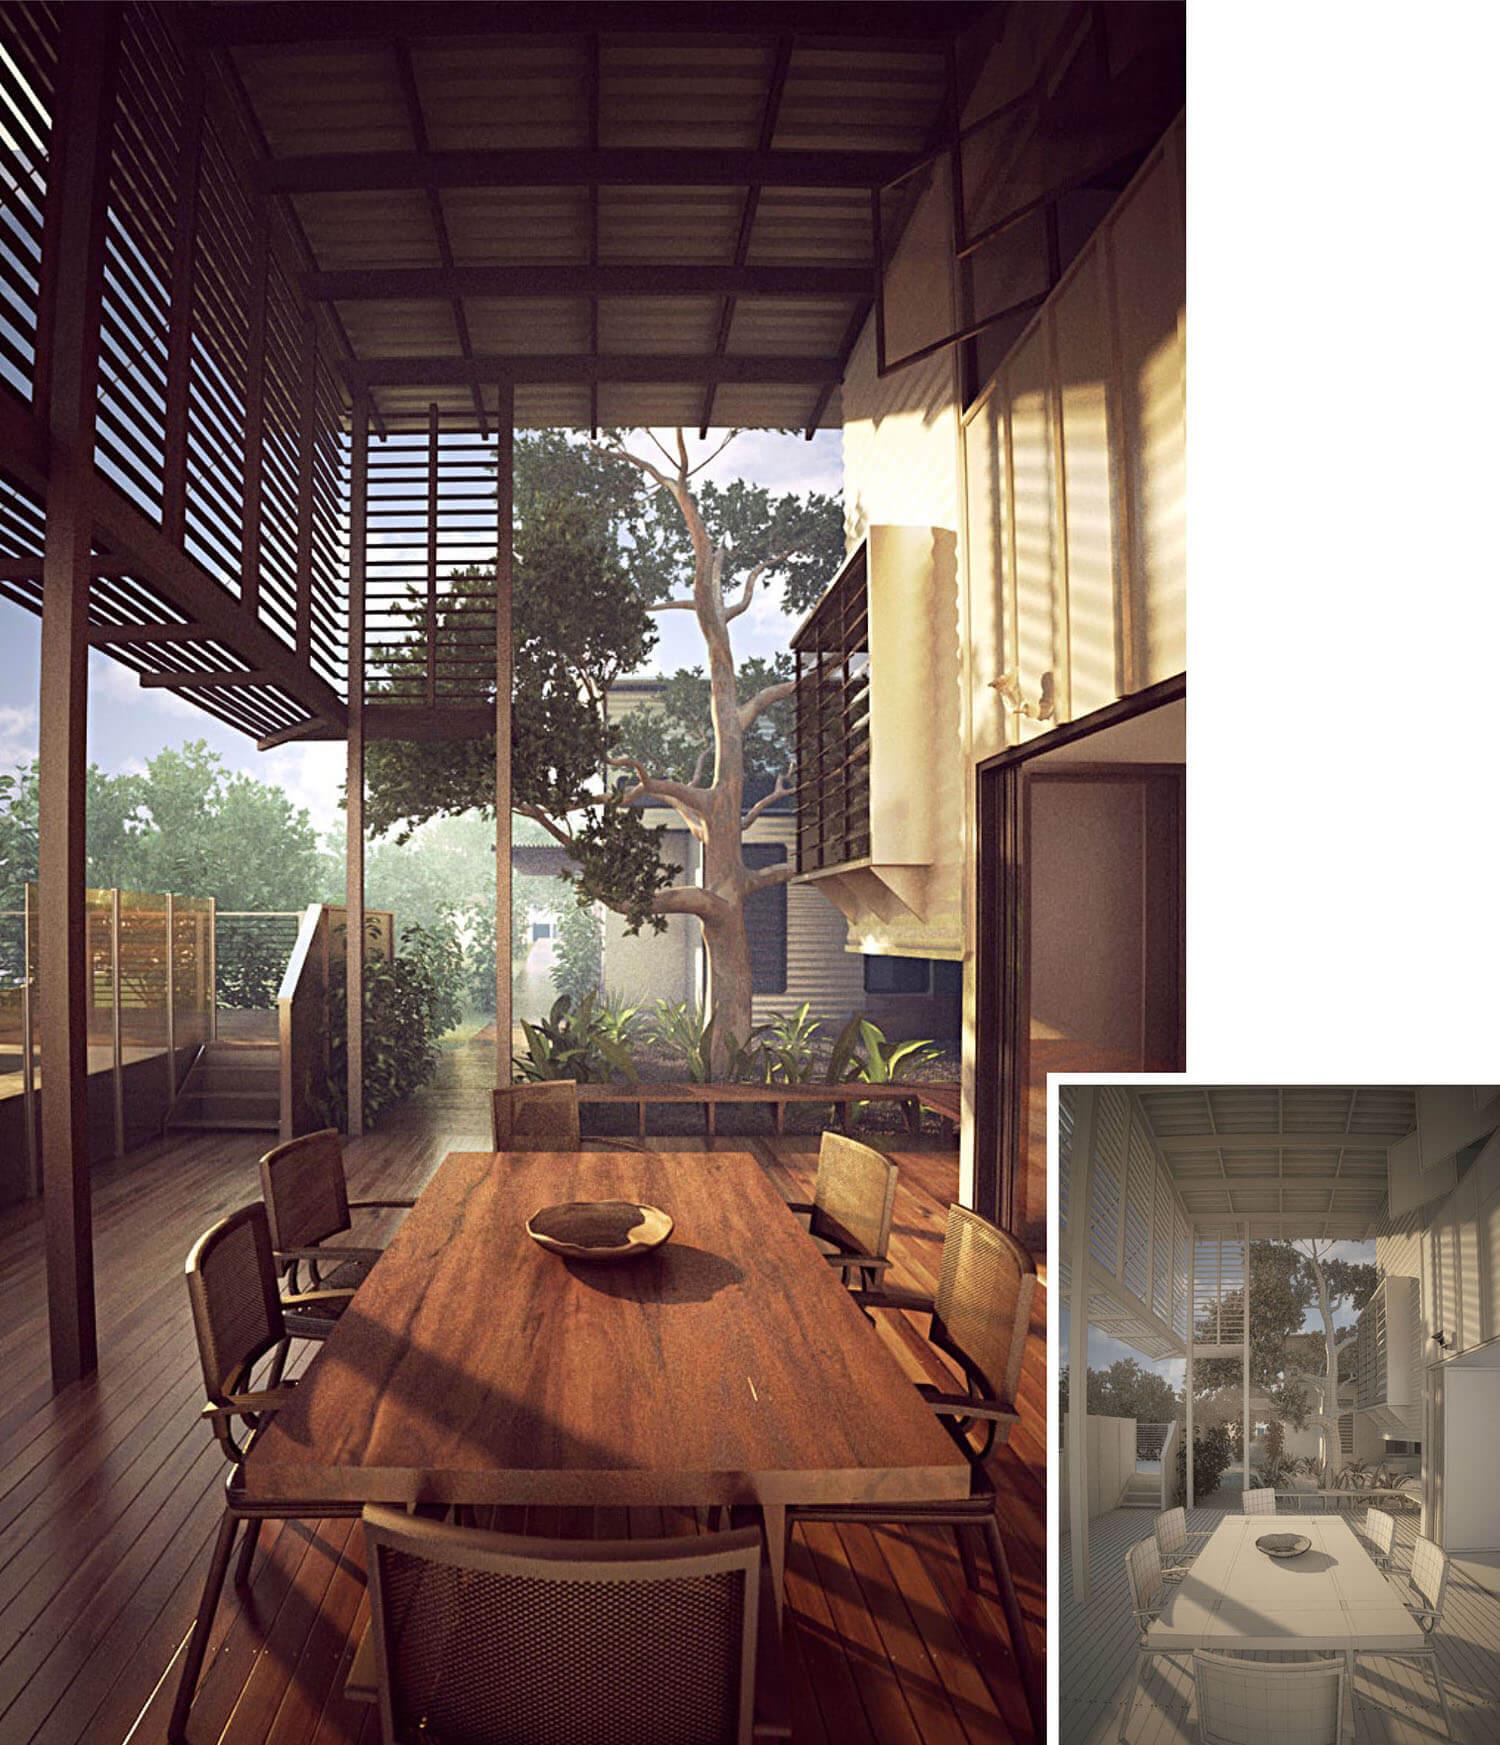 Thiết kế không gian nội thất sảnh với gỗ có tầm nhìn ra thiên nhiên